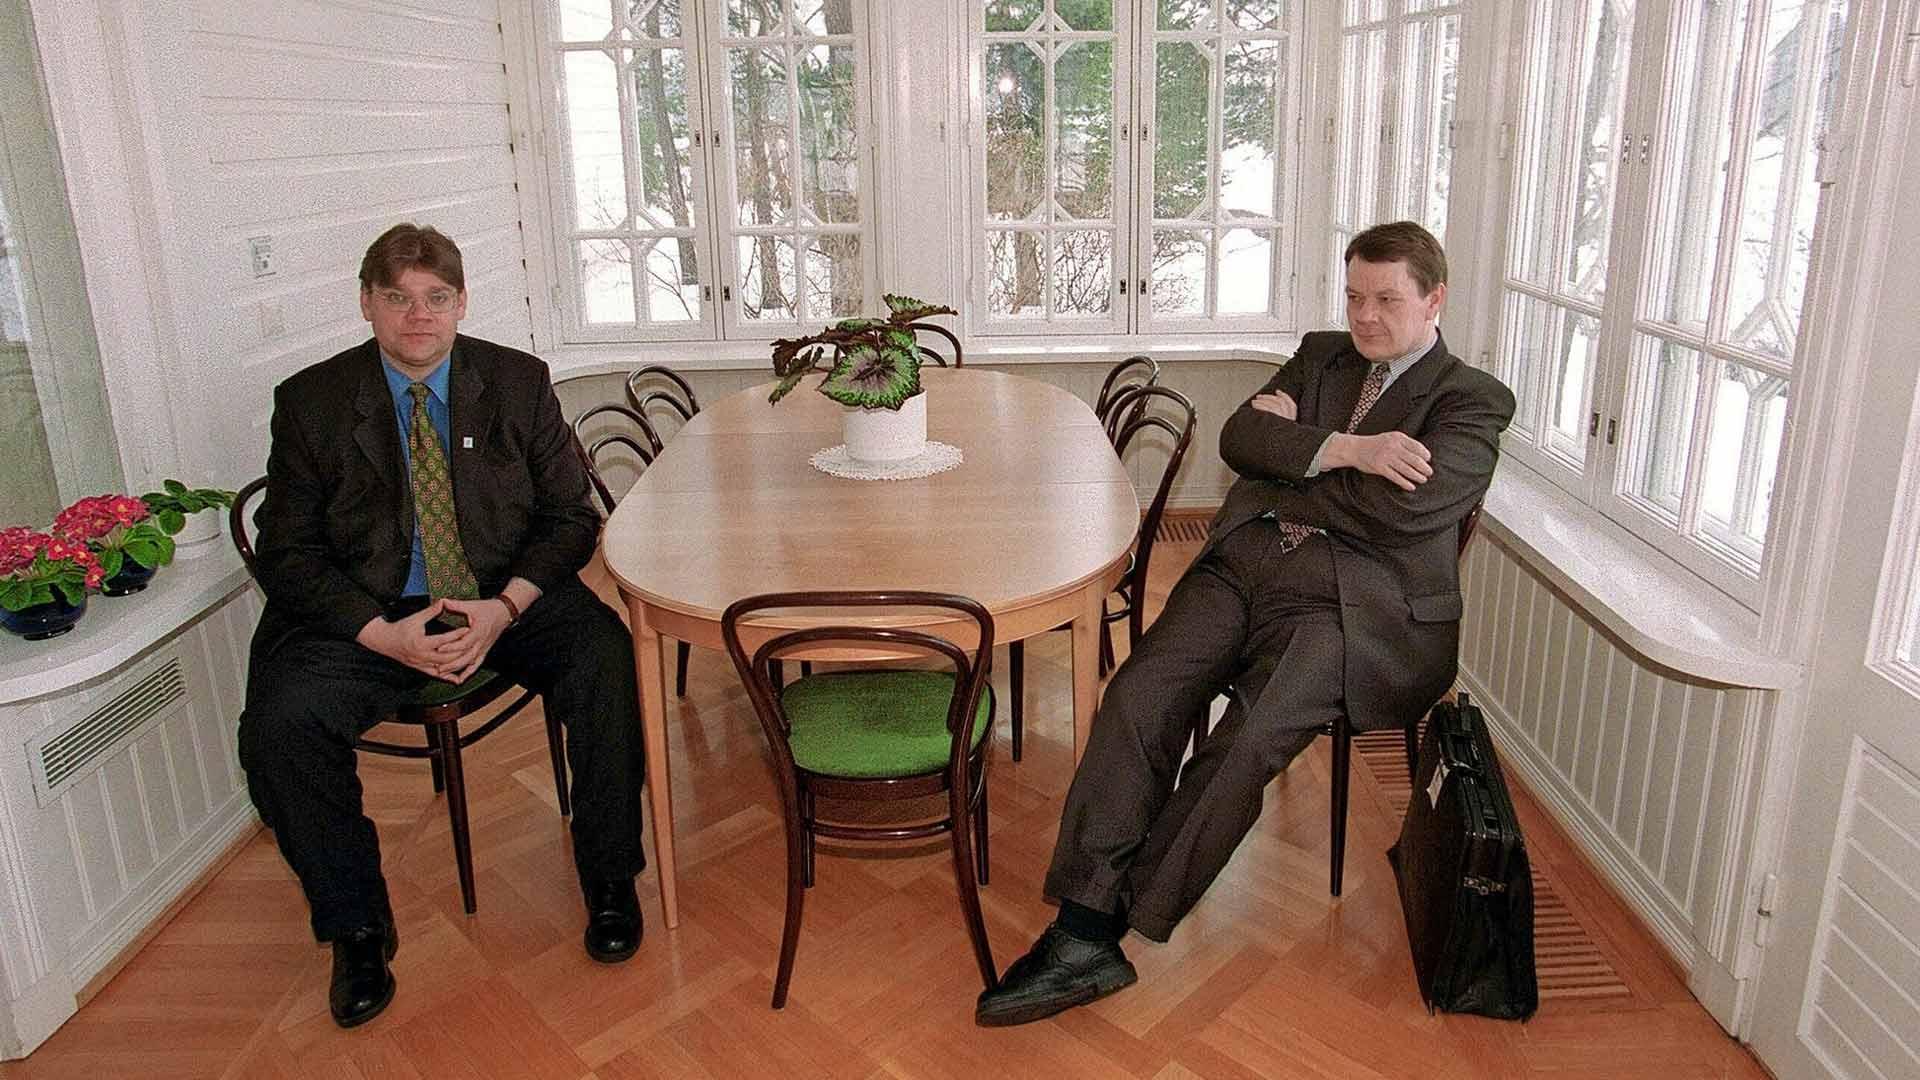 Vuoden 1999 eduskuntavaaleissa perusuomalaiset sai läpi yhden kansanedustajan, Timo Soinin (vas.). Myös Risto Kuisman edustama Remonttiryhmä oli vuoden 1999 vaalien jälkeen yhden kansanedustajan puolue.